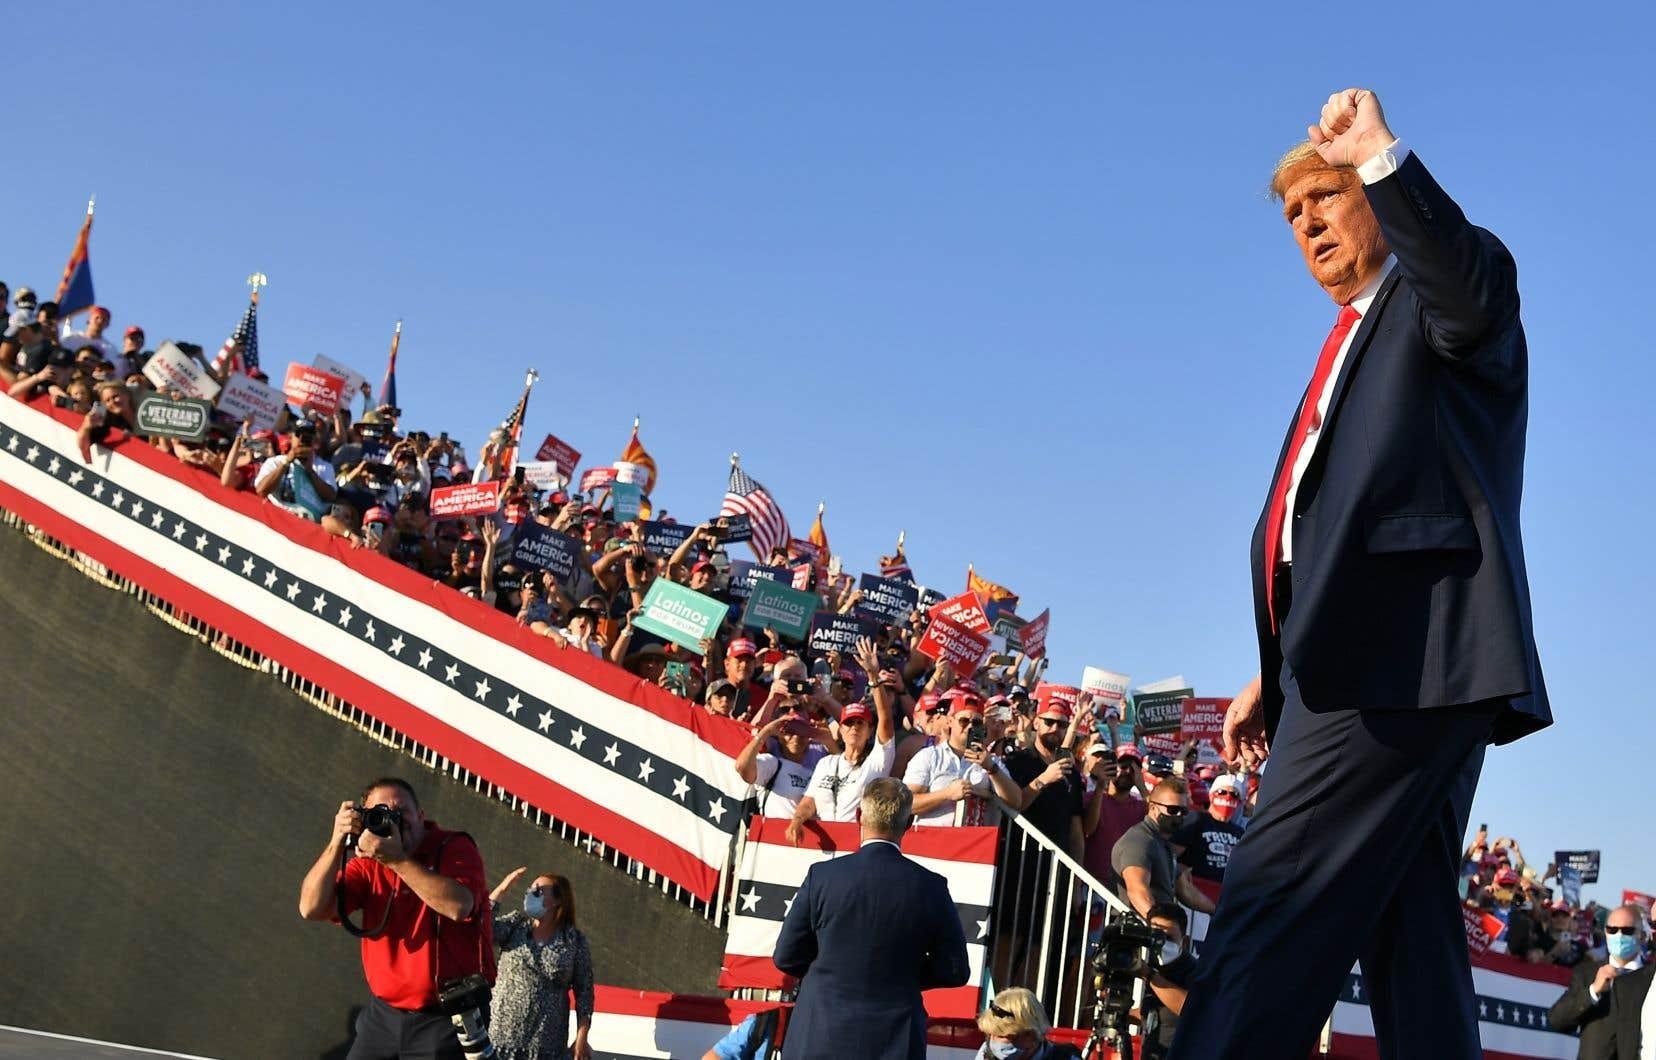 Le président Donald Trump à l'aéroport internationalde Tucson, en Arizona